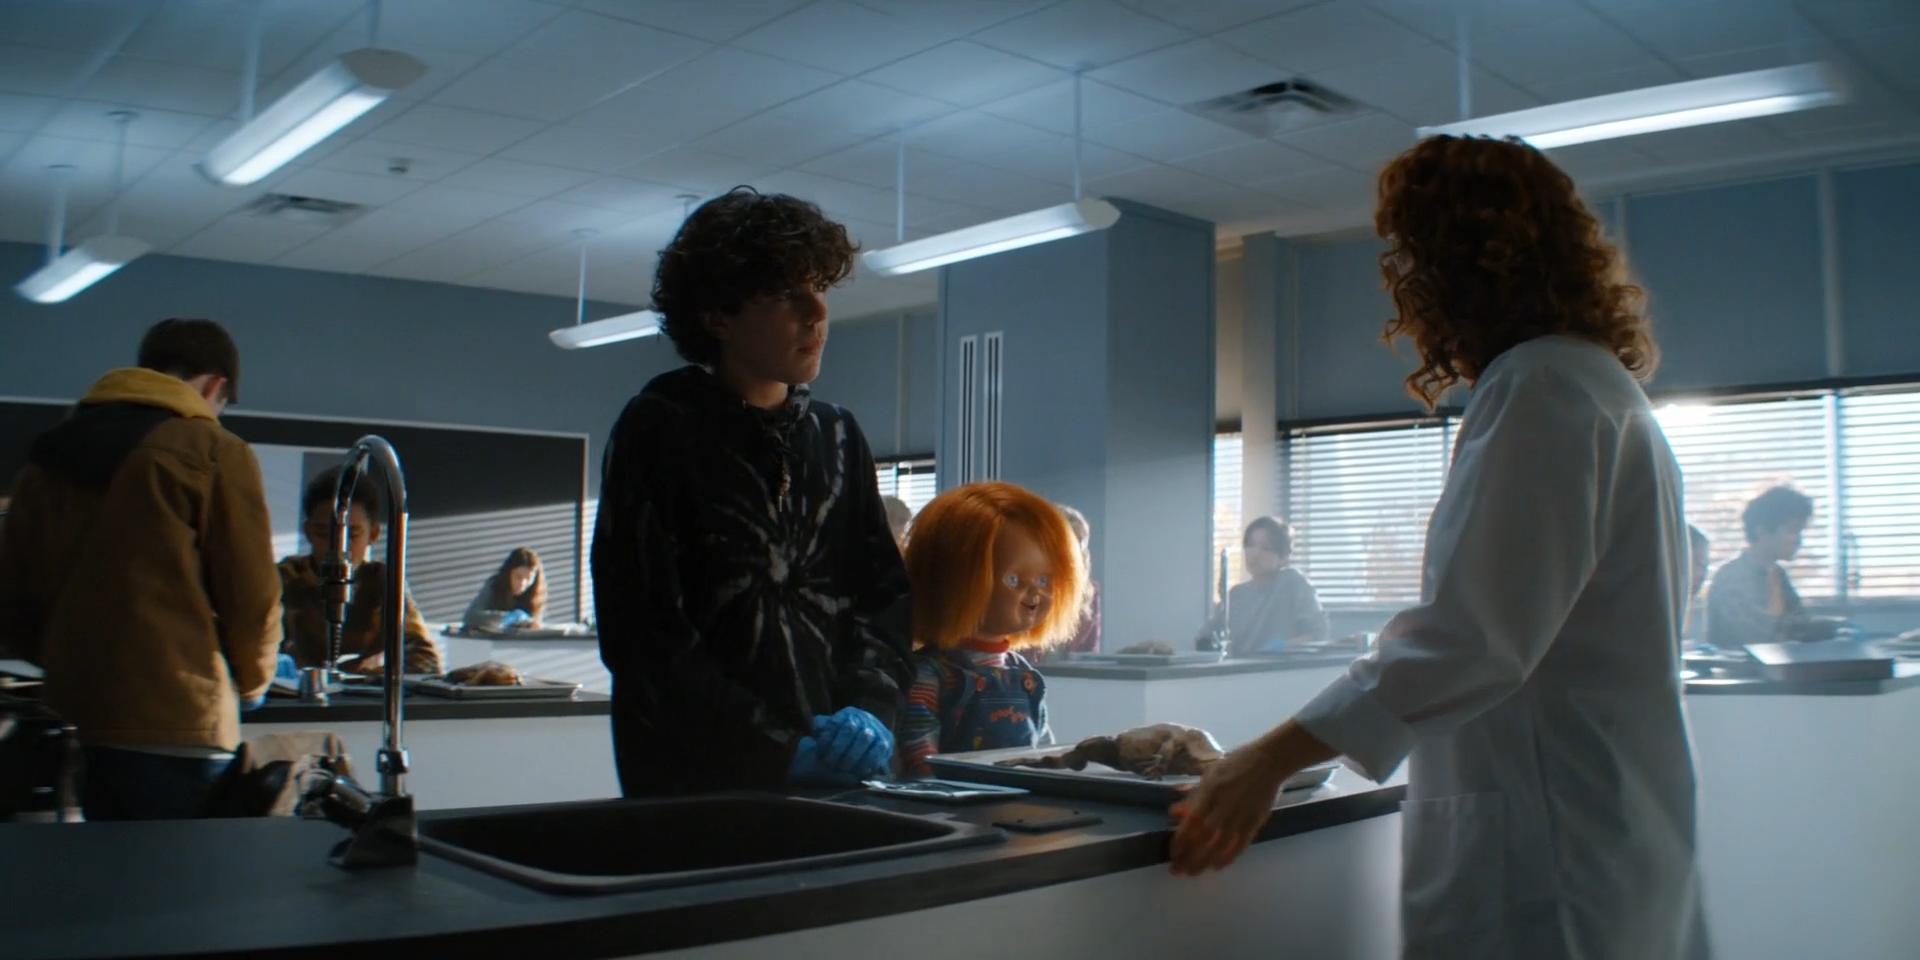 Изображение для Чаки / Chucky, Сезон 1, Серии 1-2 из 8 (2021) WEB-DLRip 1080p (кликните для просмотра полного изображения)